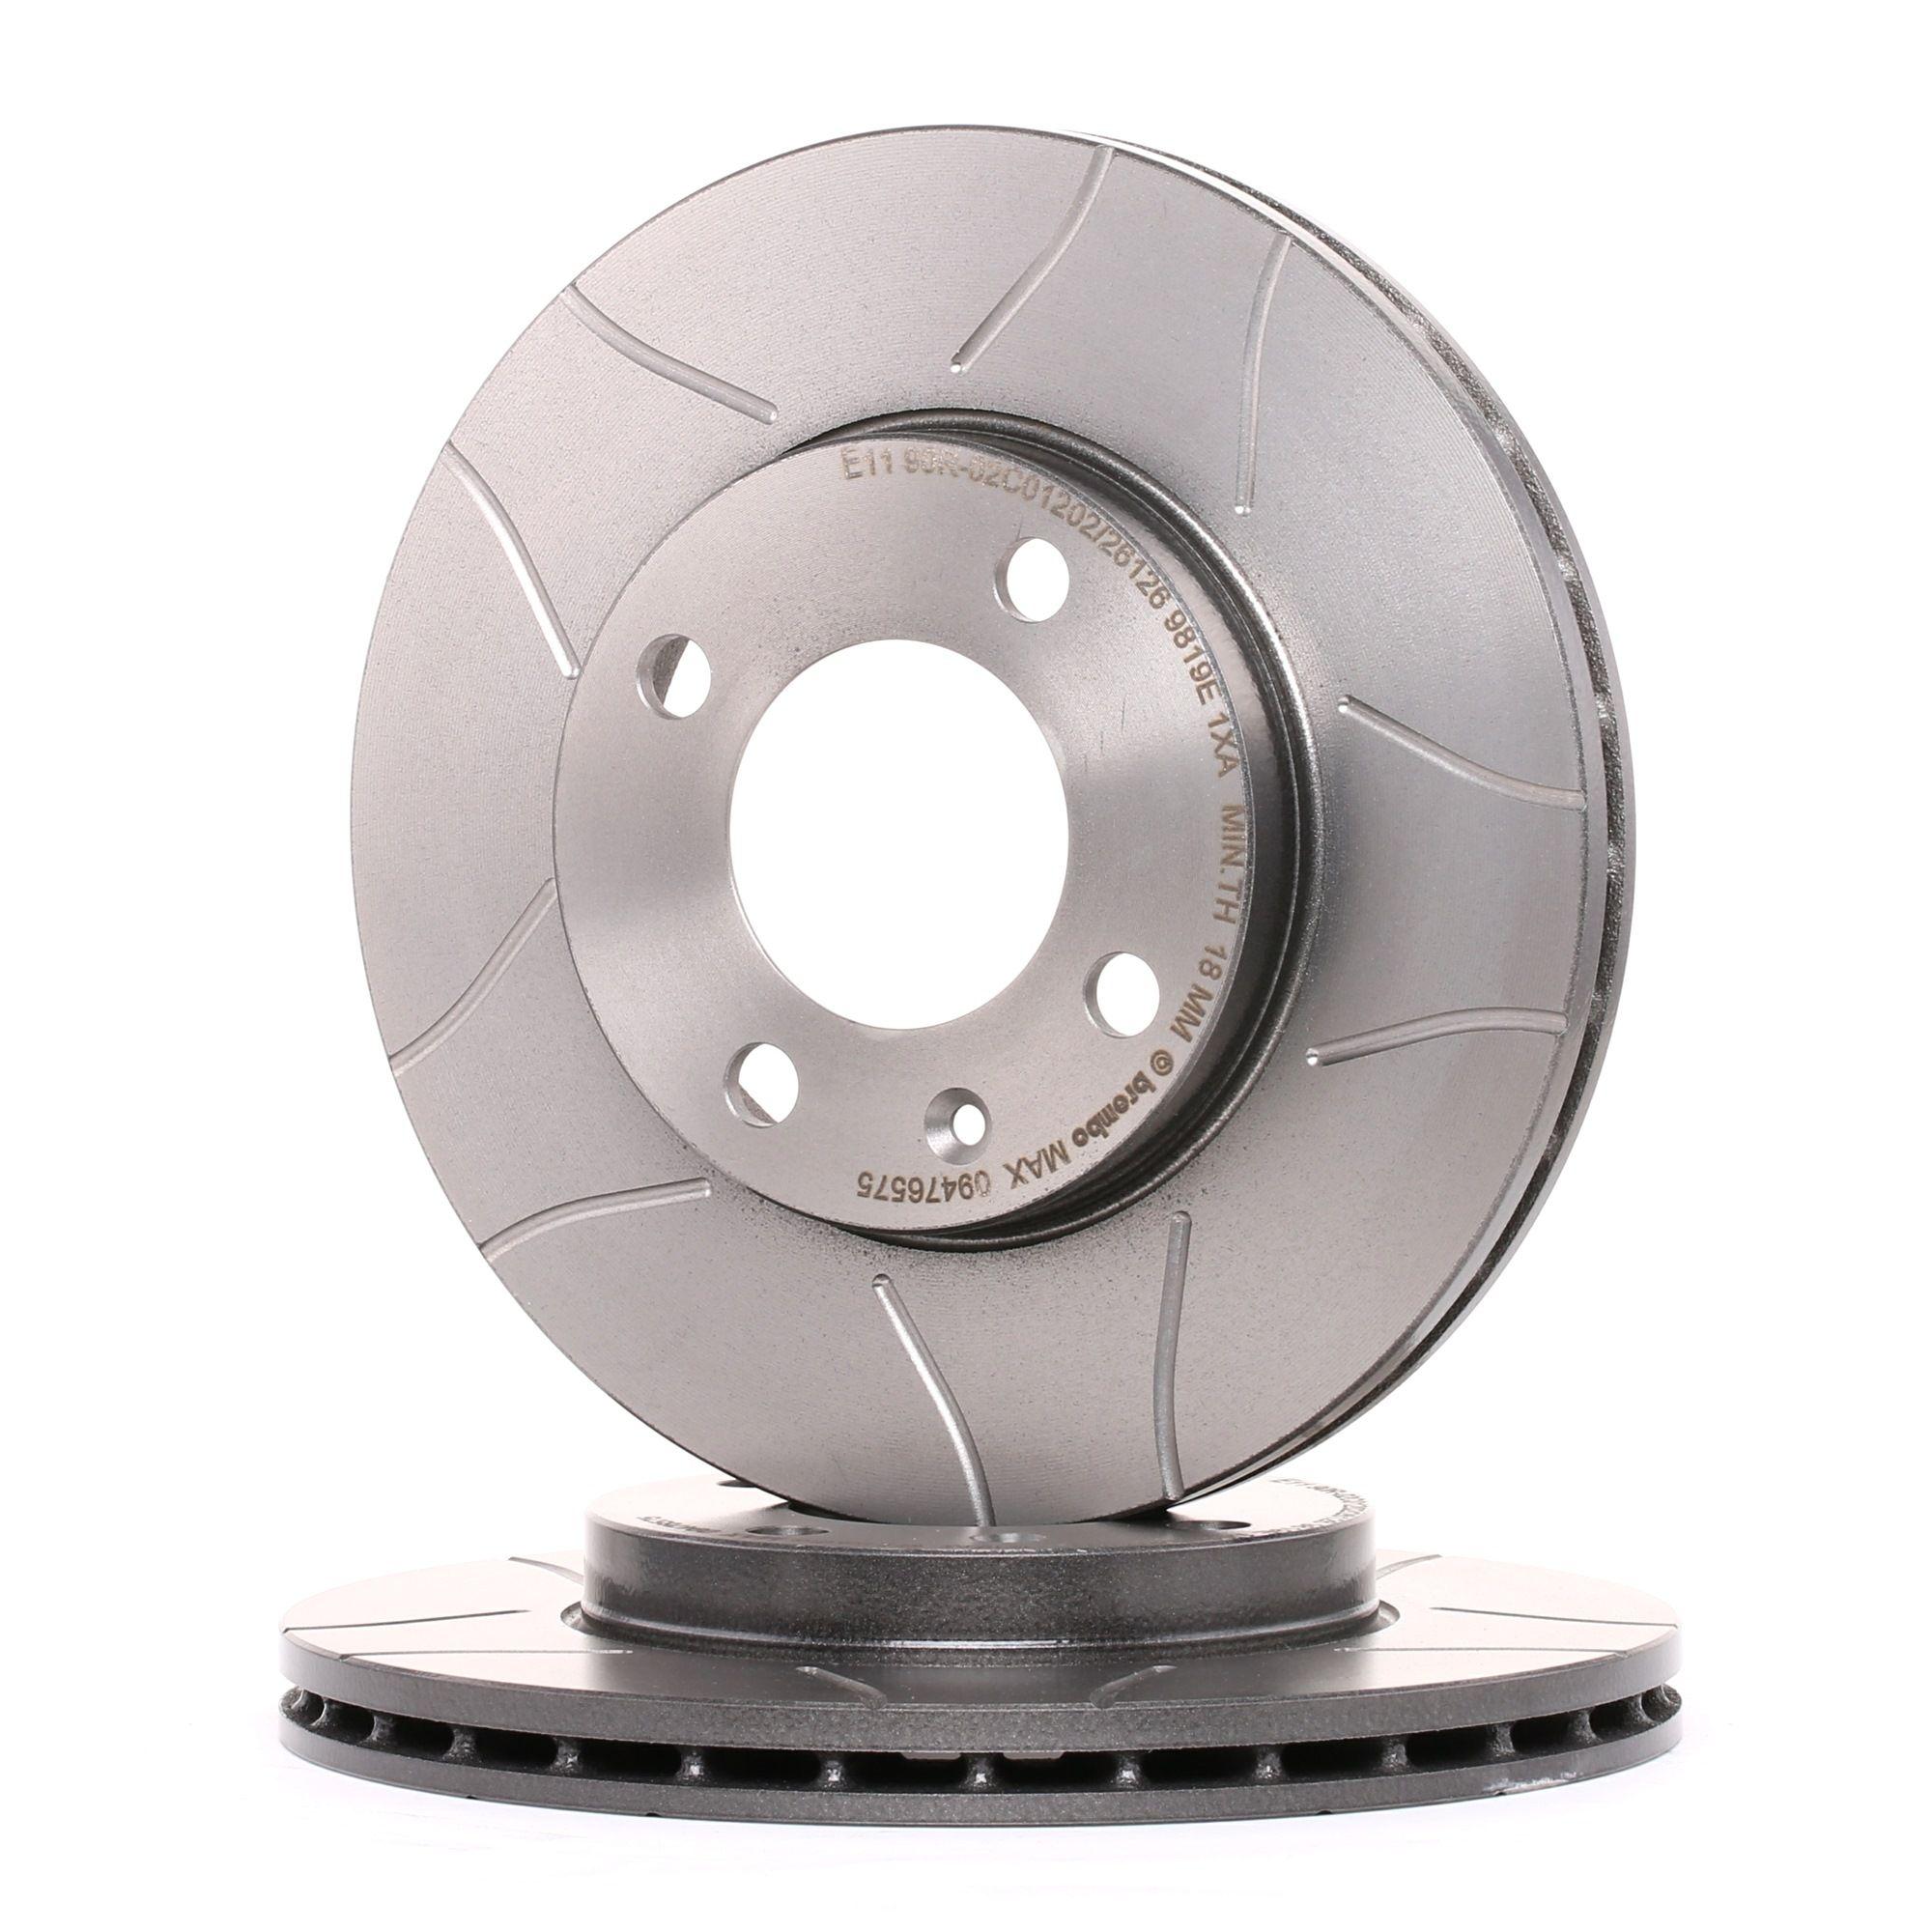 Achetez Disques de frein BREMBO 09.4765.75 (Ø: 239mm, Nbre de trous: 4, Épaisseur du disque de frein: 20mm) à un rapport qualité-prix exceptionnel